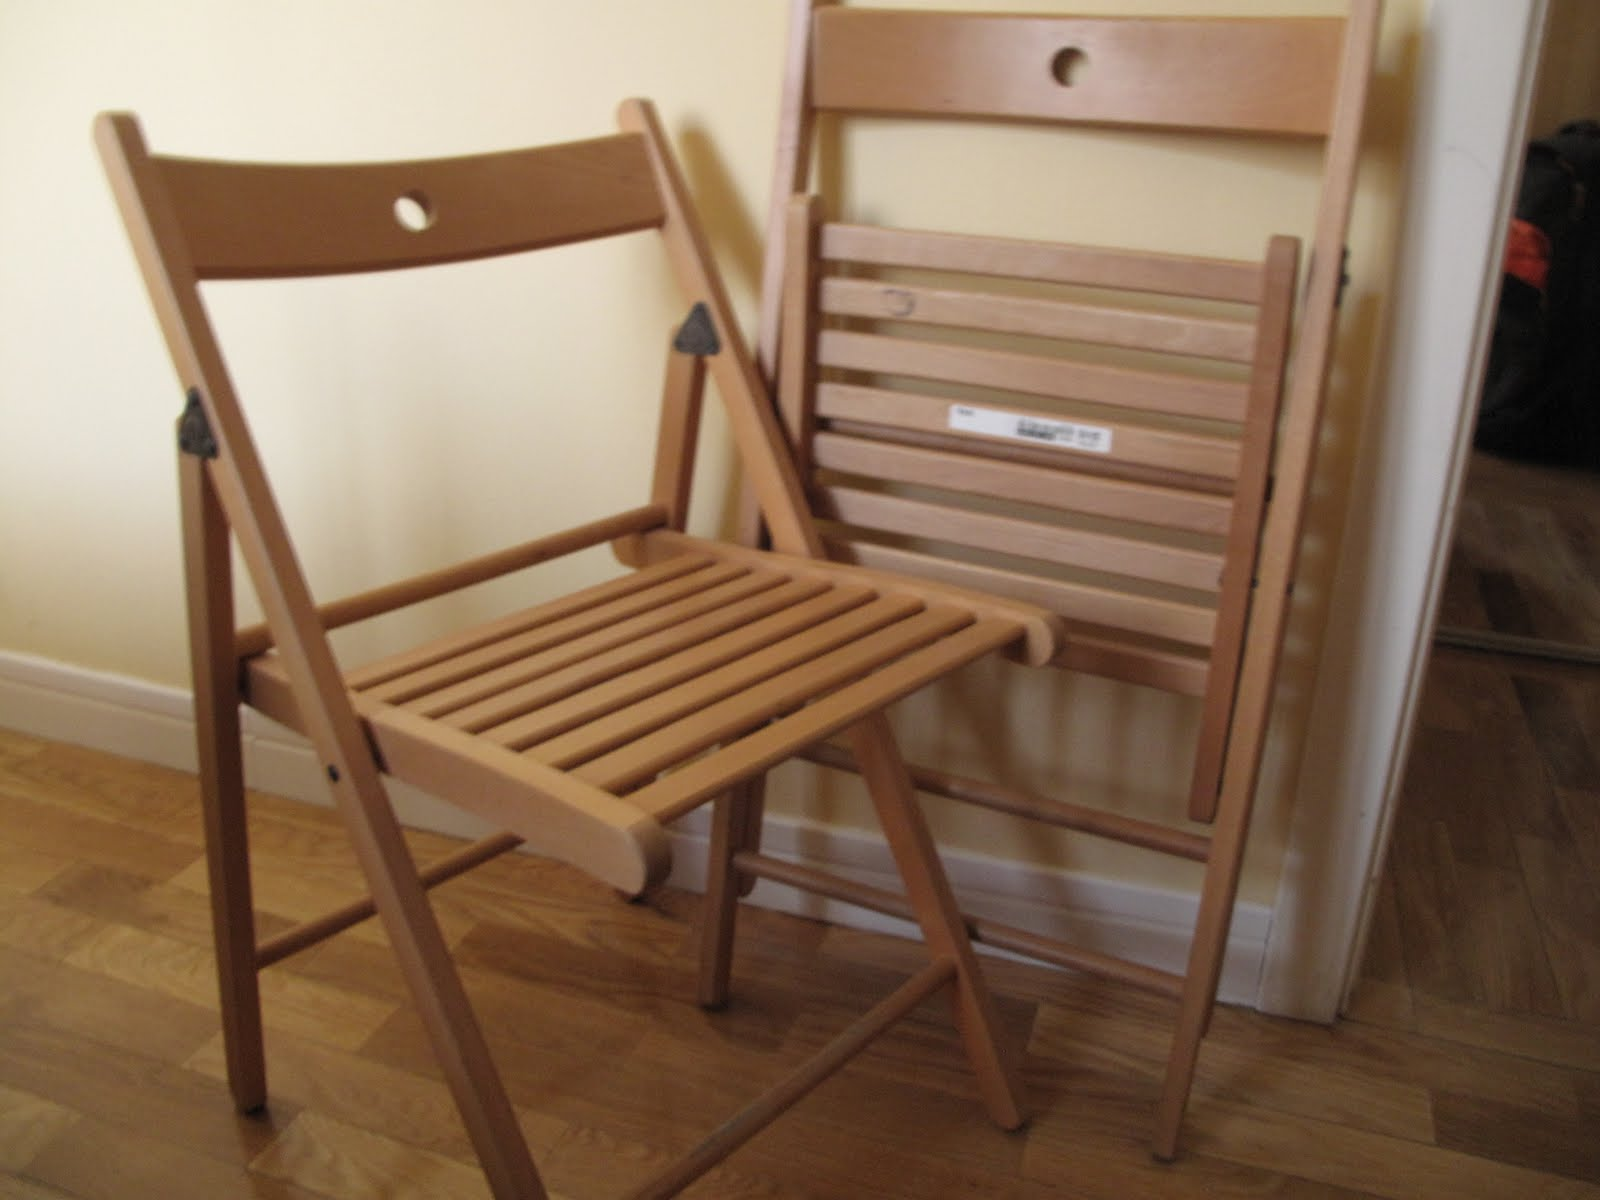 Venta de muebles en madrid sillas plegables for Precio de sillas plegables